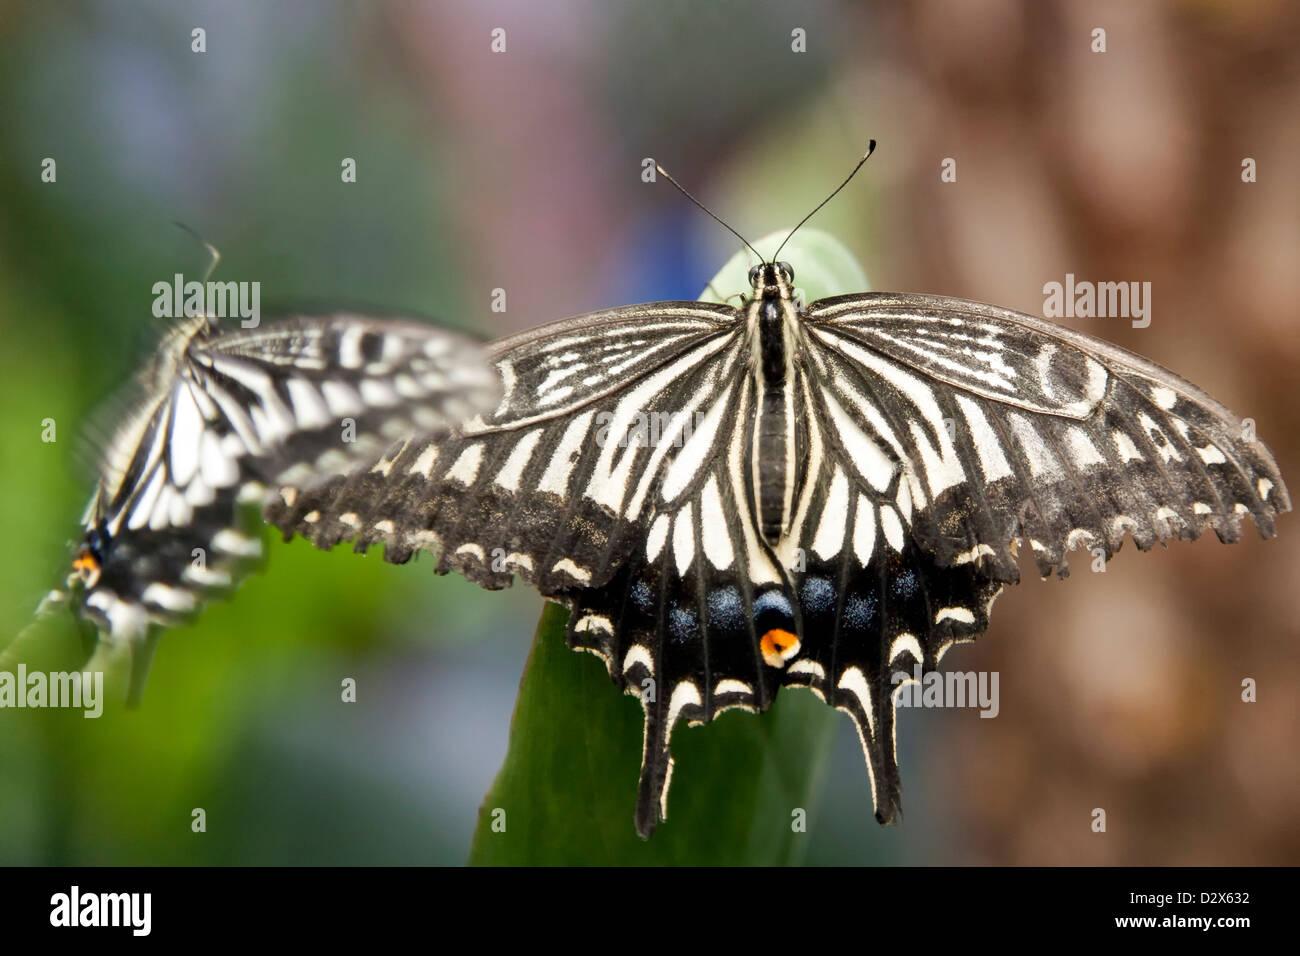 Lime butterfly (Papilio demoleus) è una farfalla di solito visto in ampie parti dell'Asia. Immagini Stock